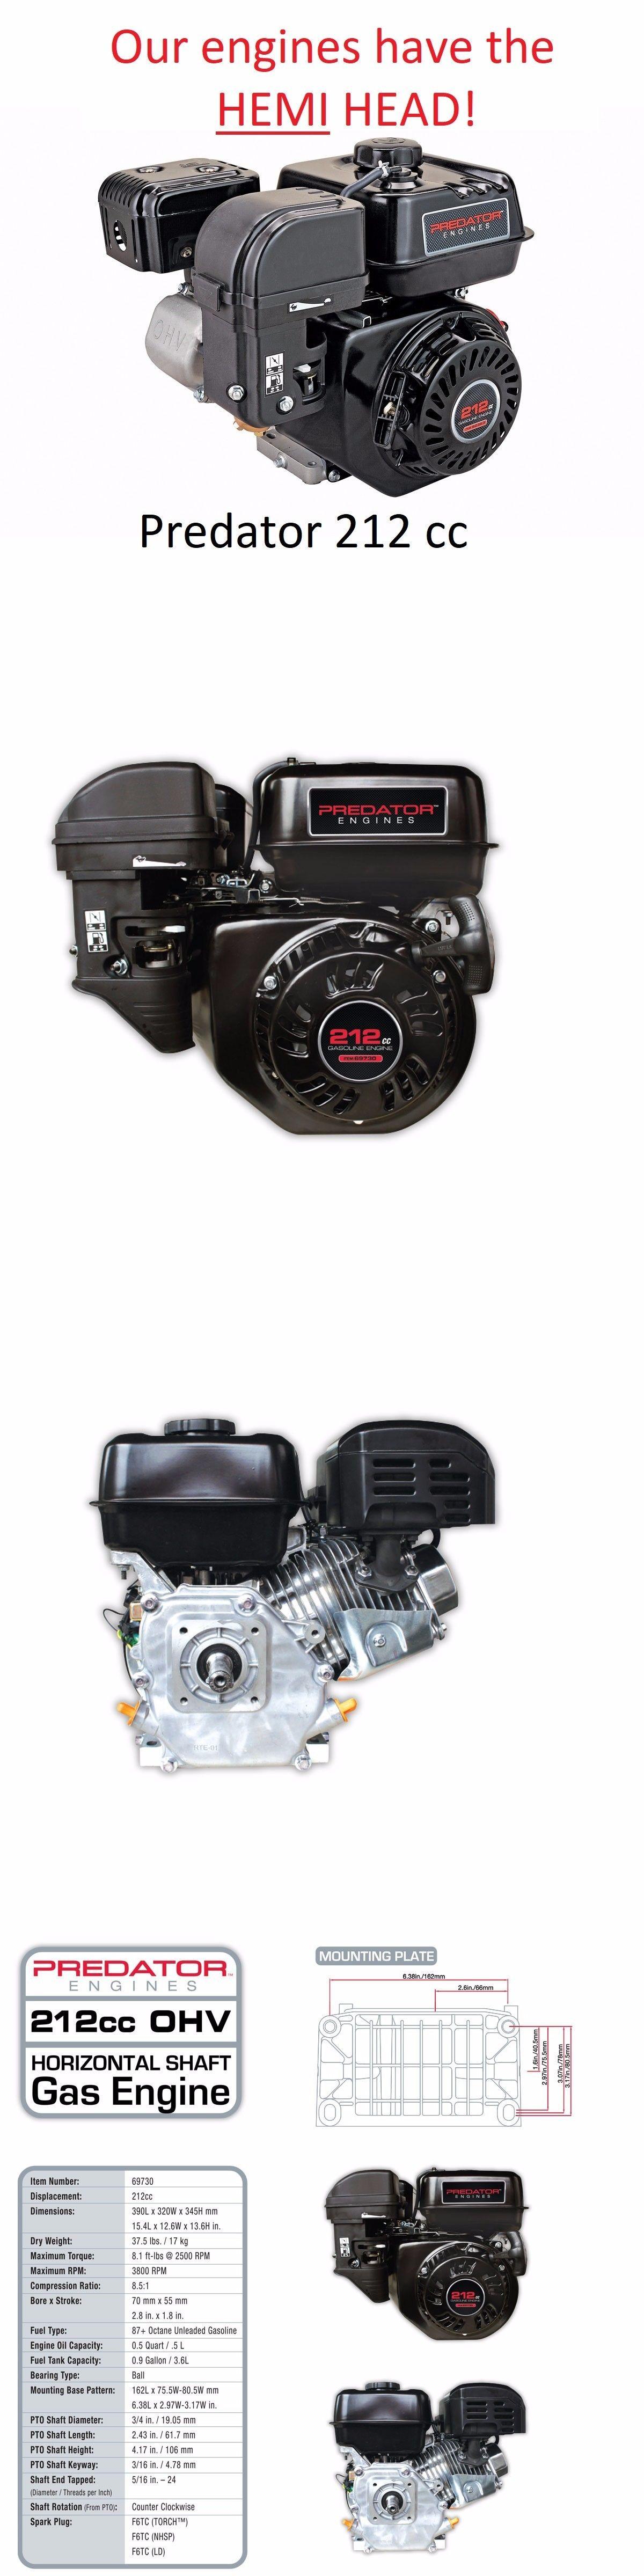 Predator 212 Hemi Compression Ratio